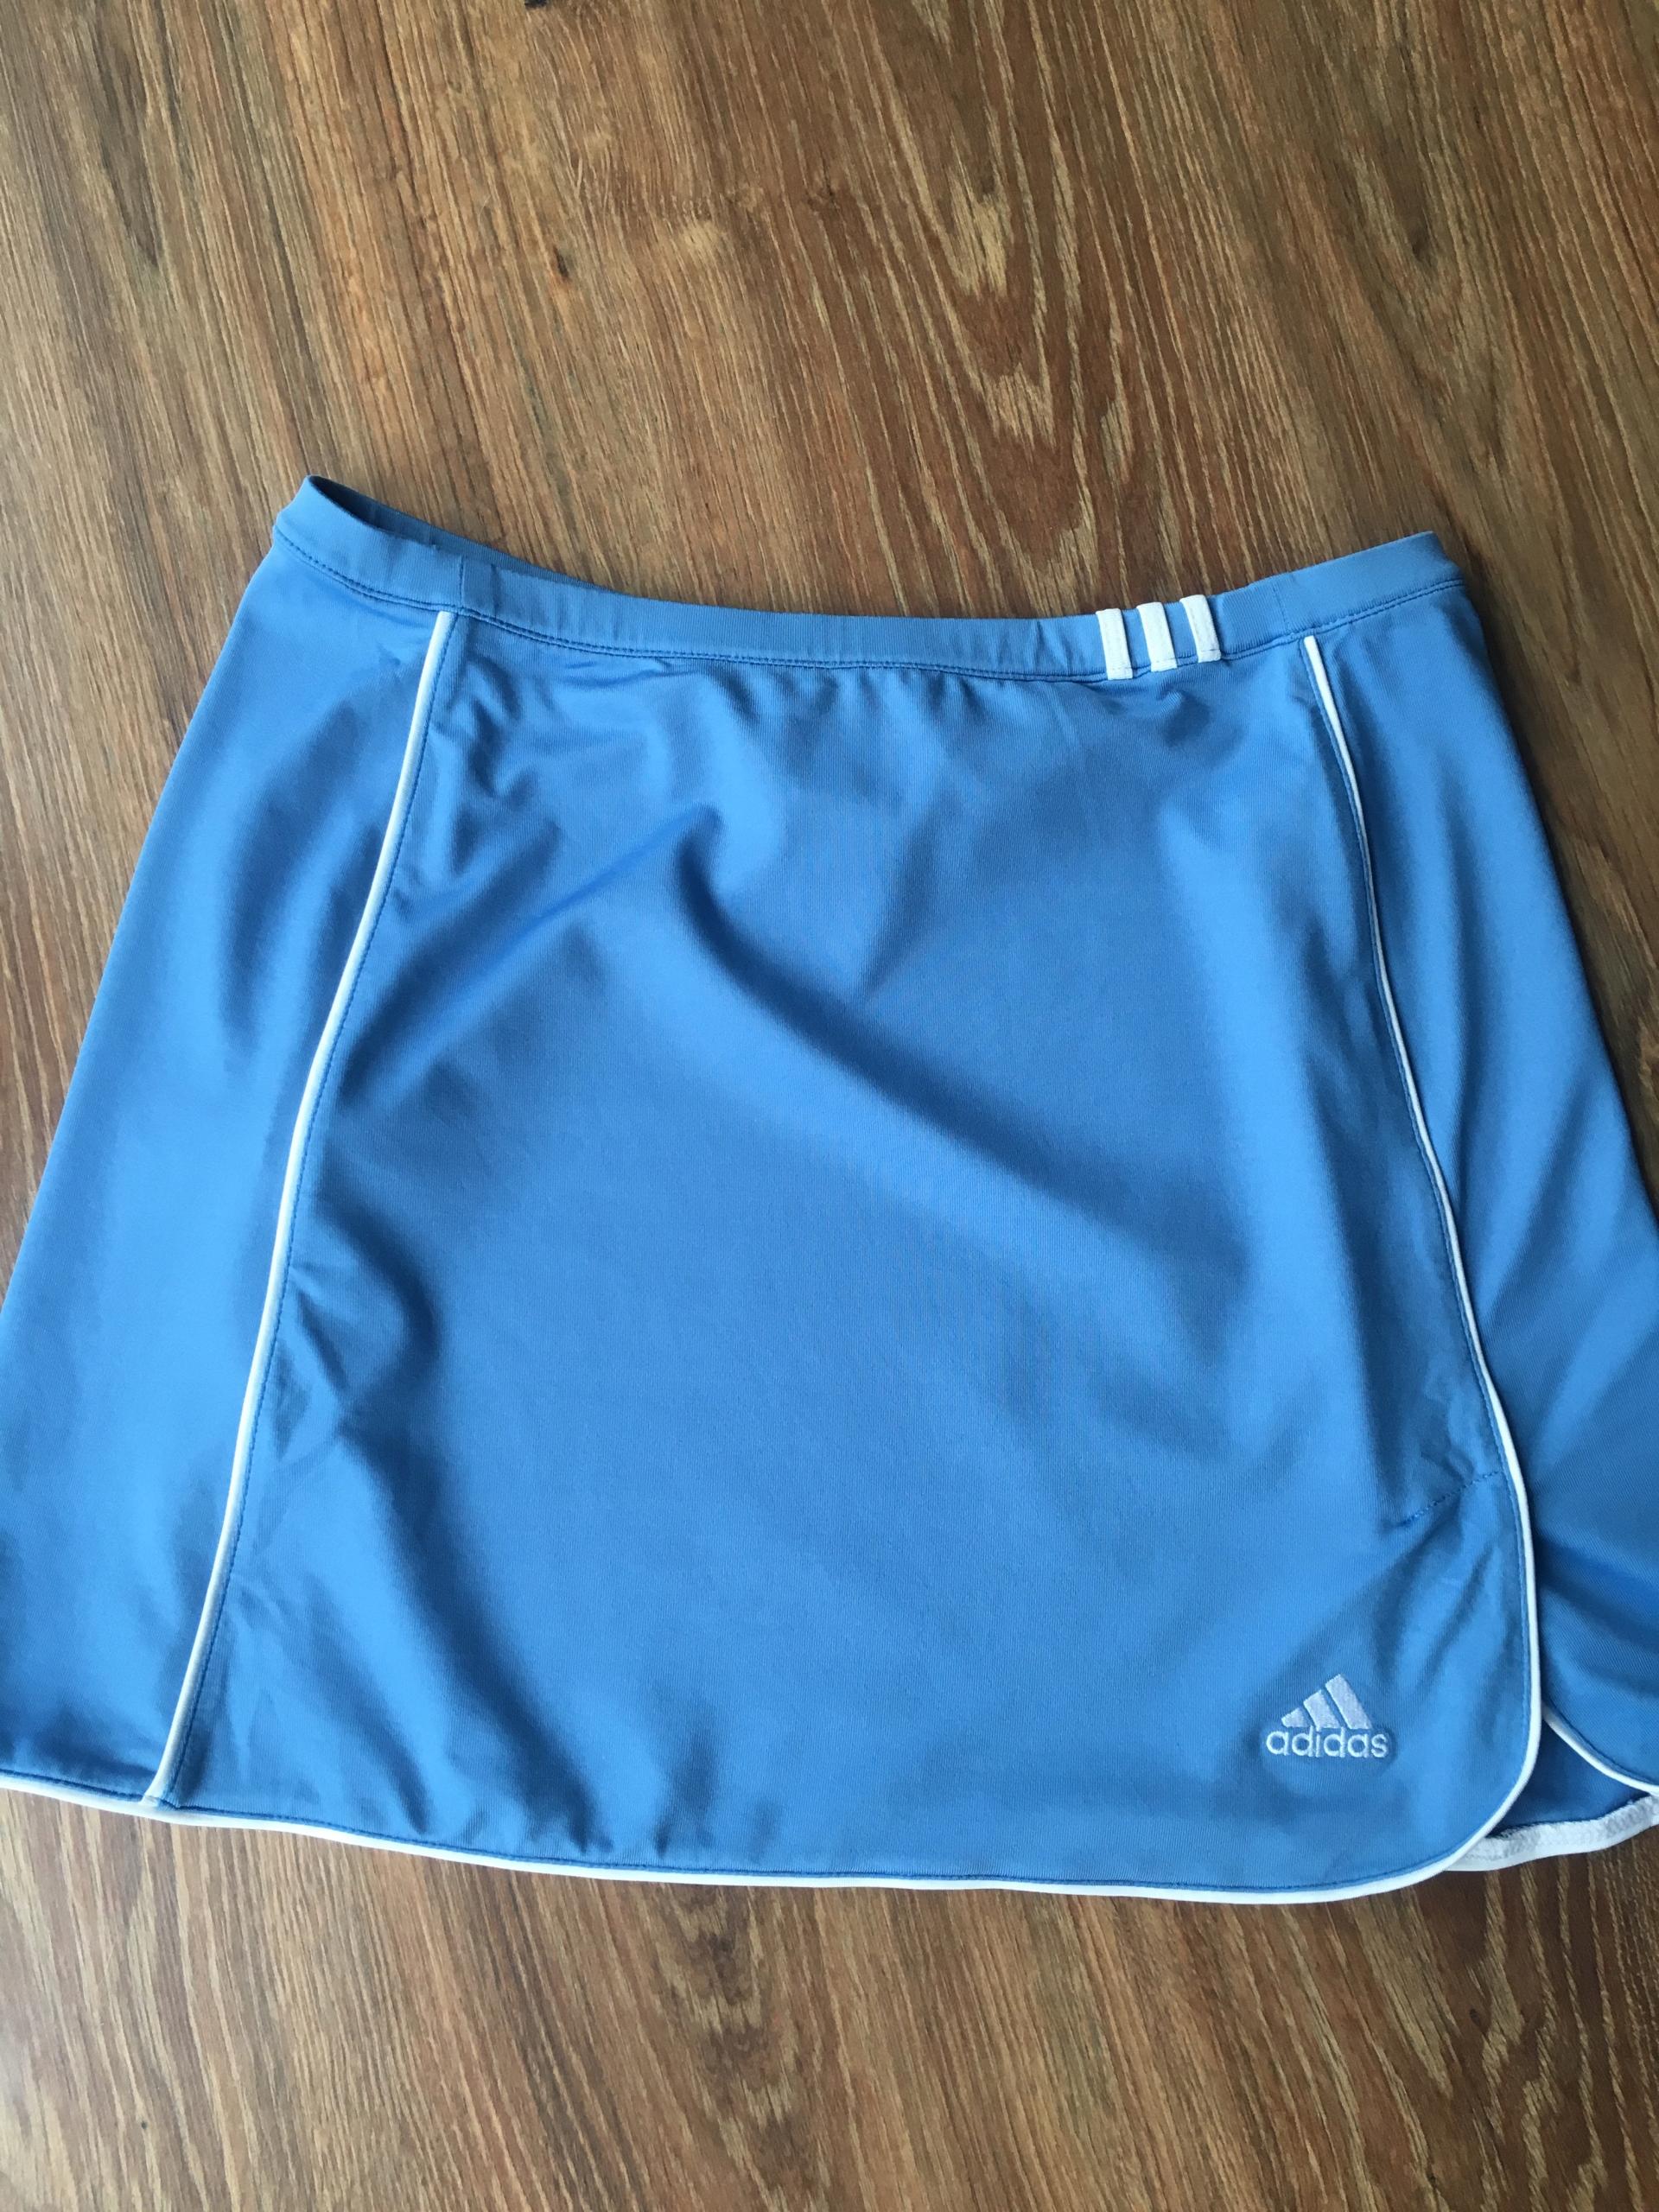 Spódniczka tenisowa ADIDAS niebieska S M